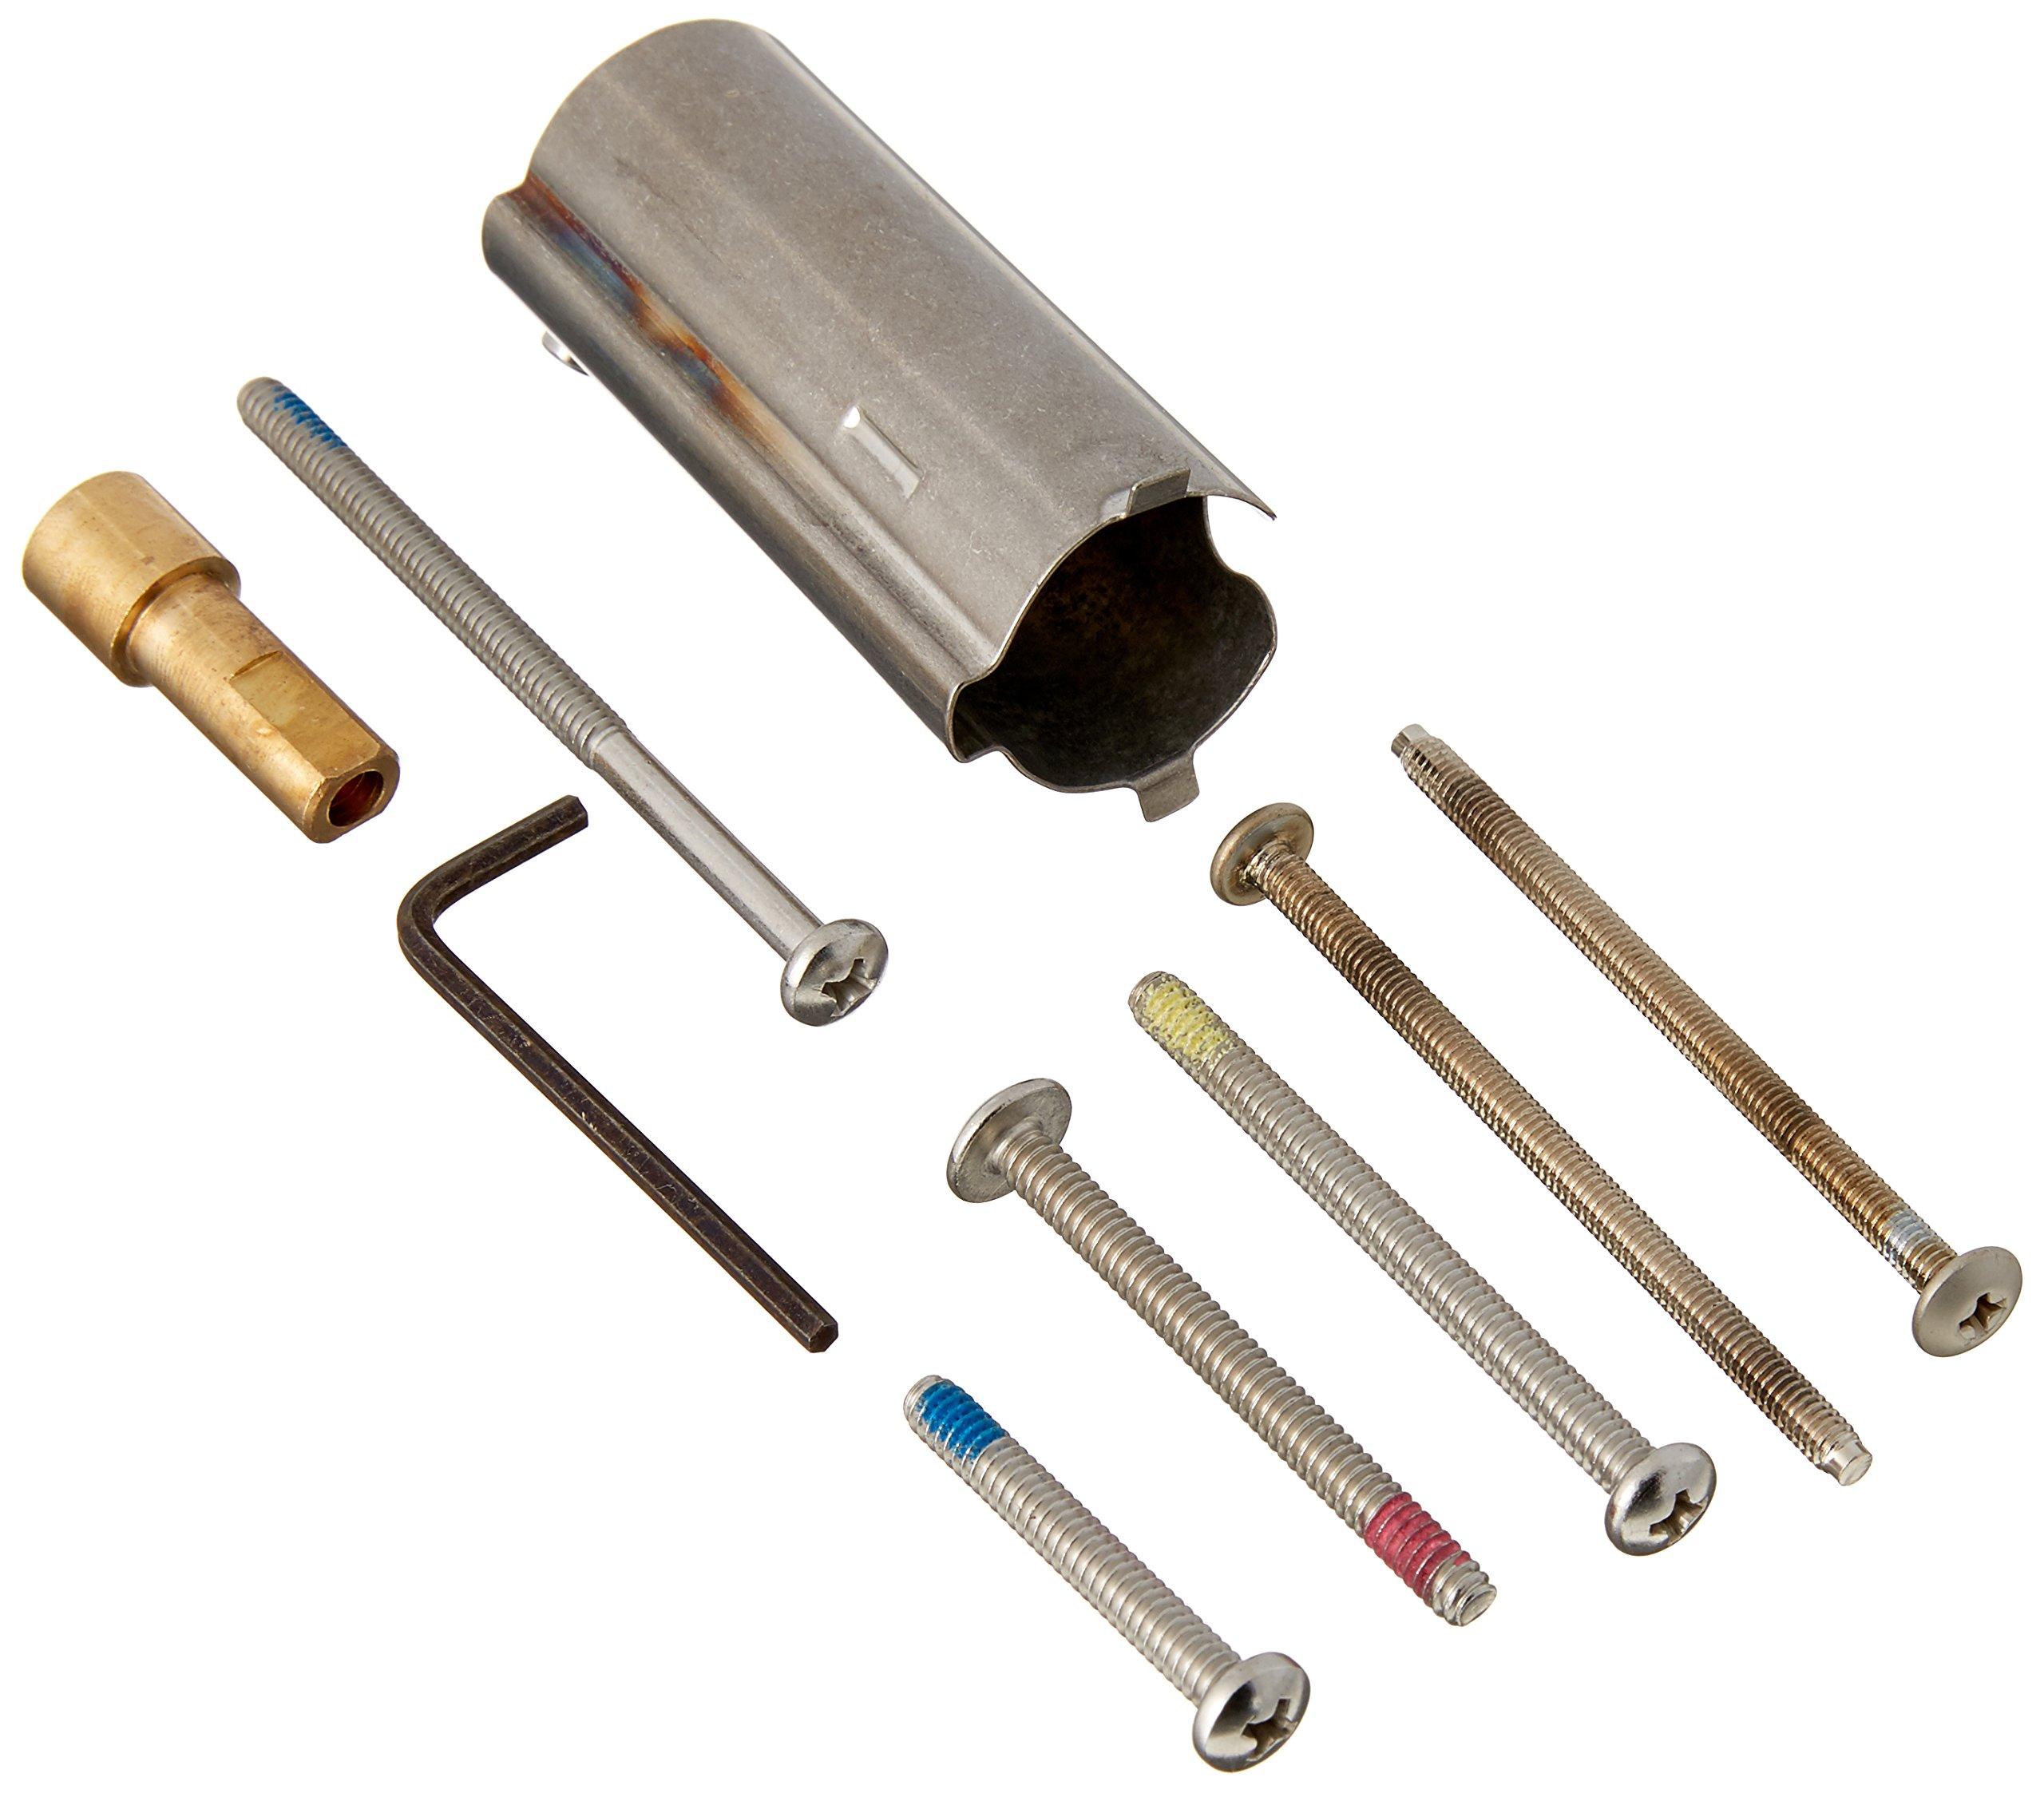 Moen 137347BN Handle Extension Kit by Moen (Image #1)